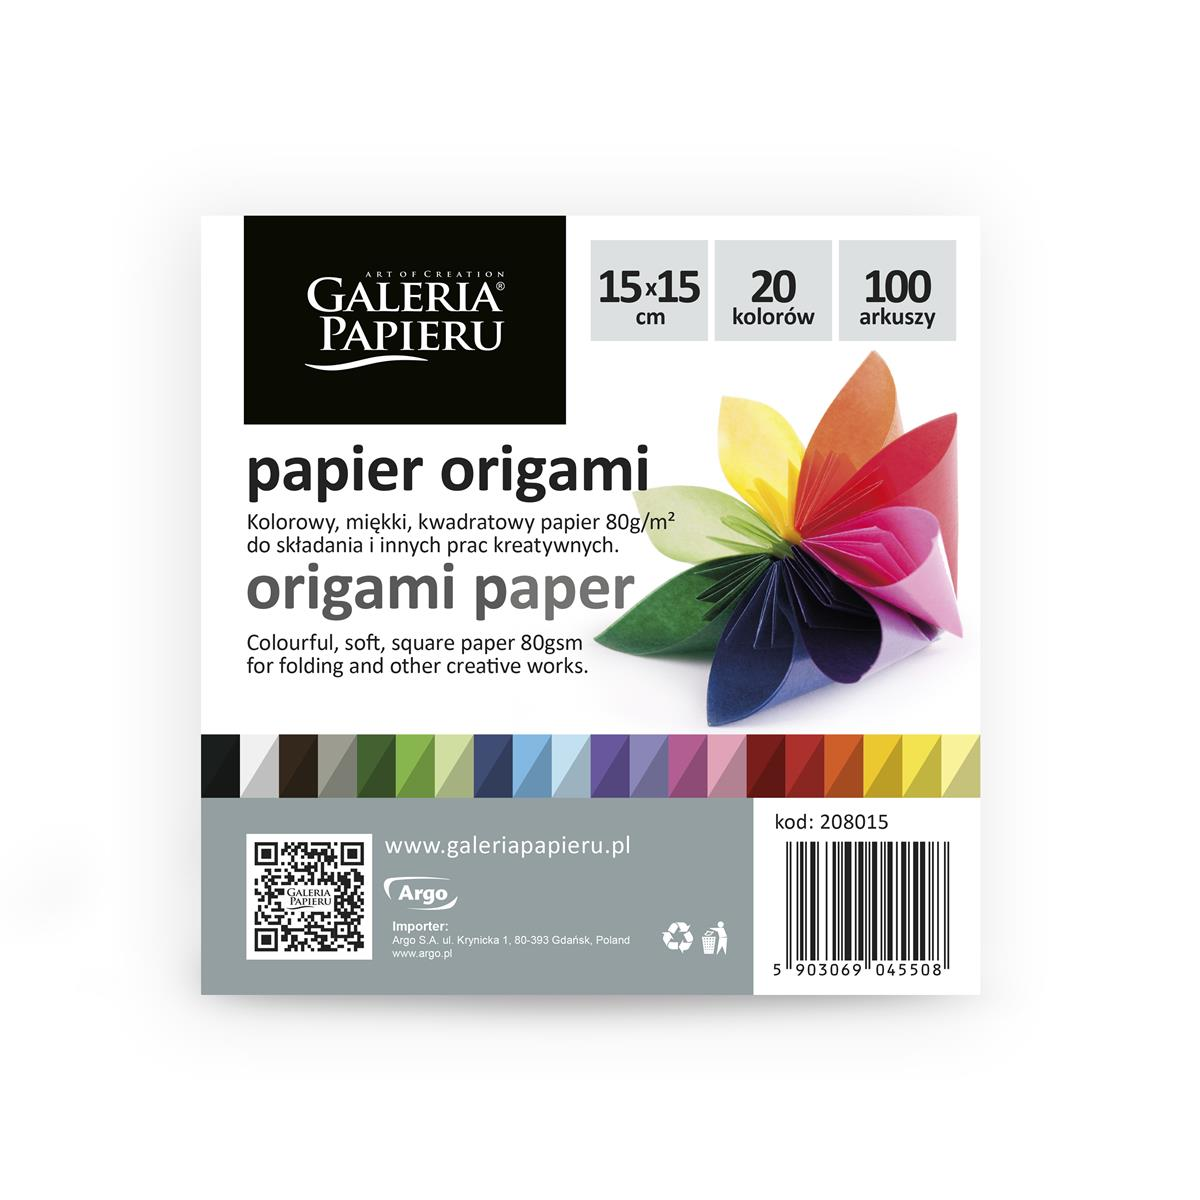 Papier origami 15x15cm